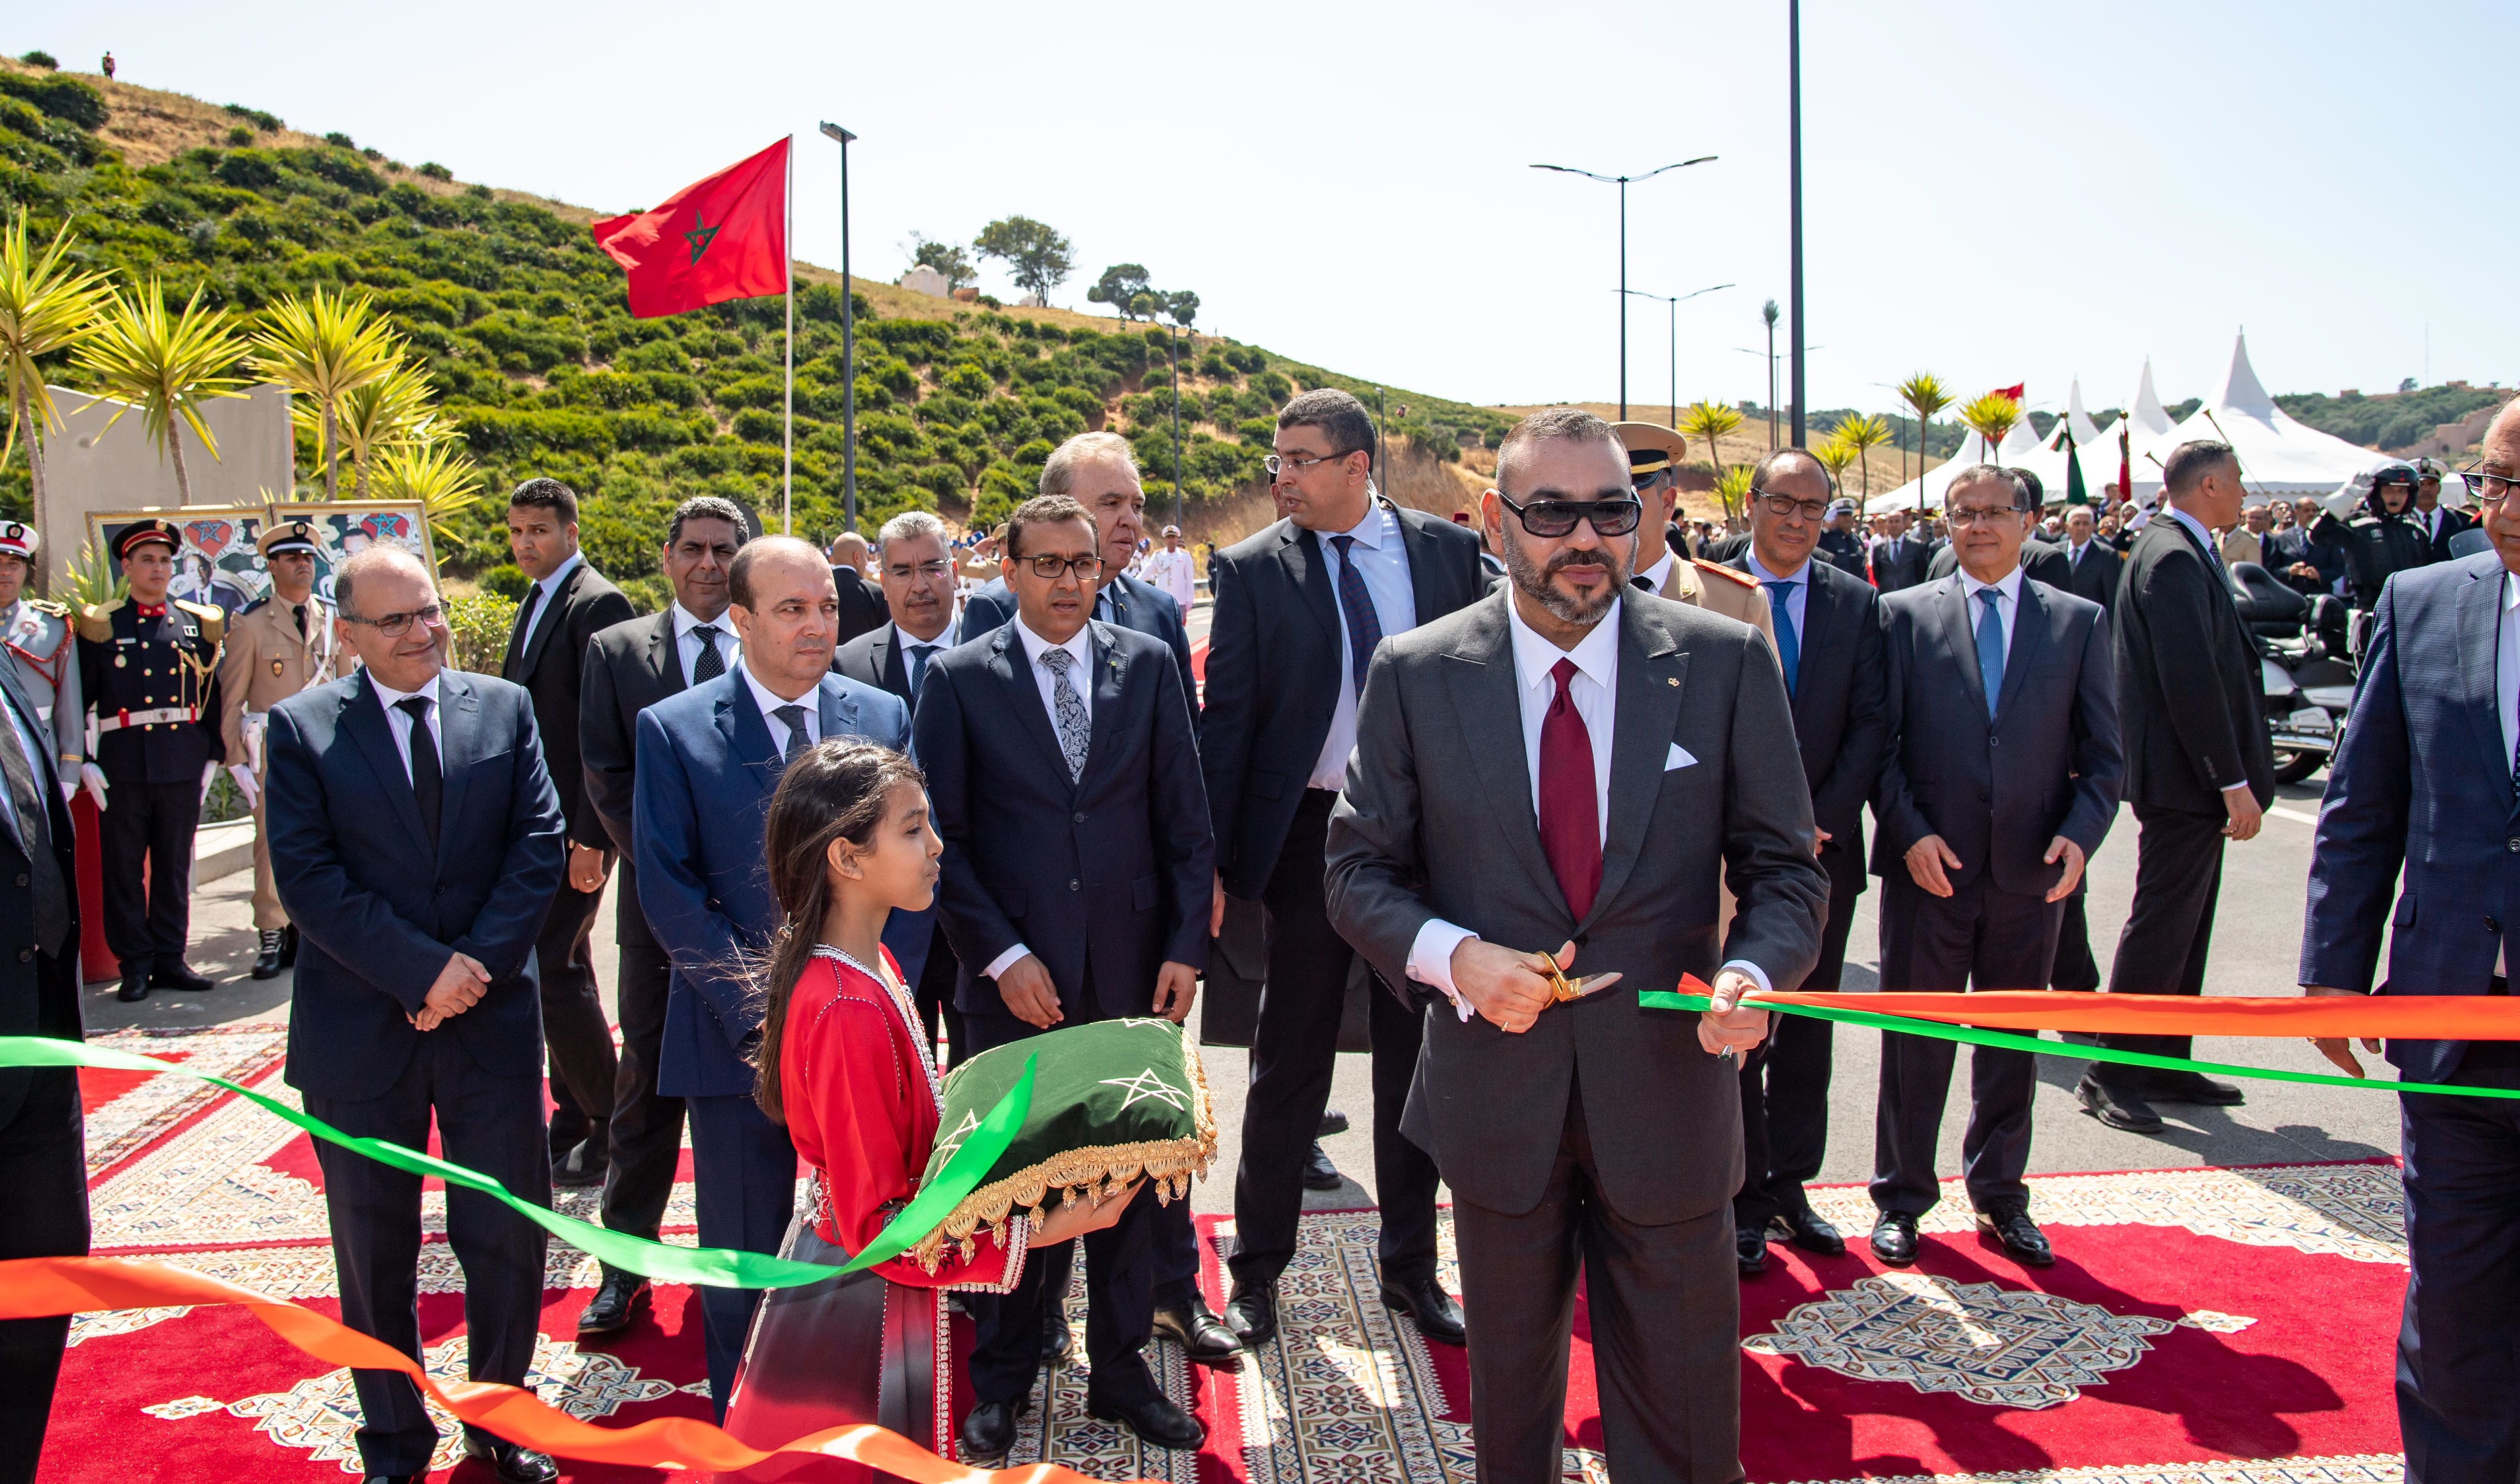 S.M. le Roi inaugure la rocade urbaine N°2 de Rabat-Salé, un projet structurant qui répond aux problématiques de mobilité entre les deux villes jumelles